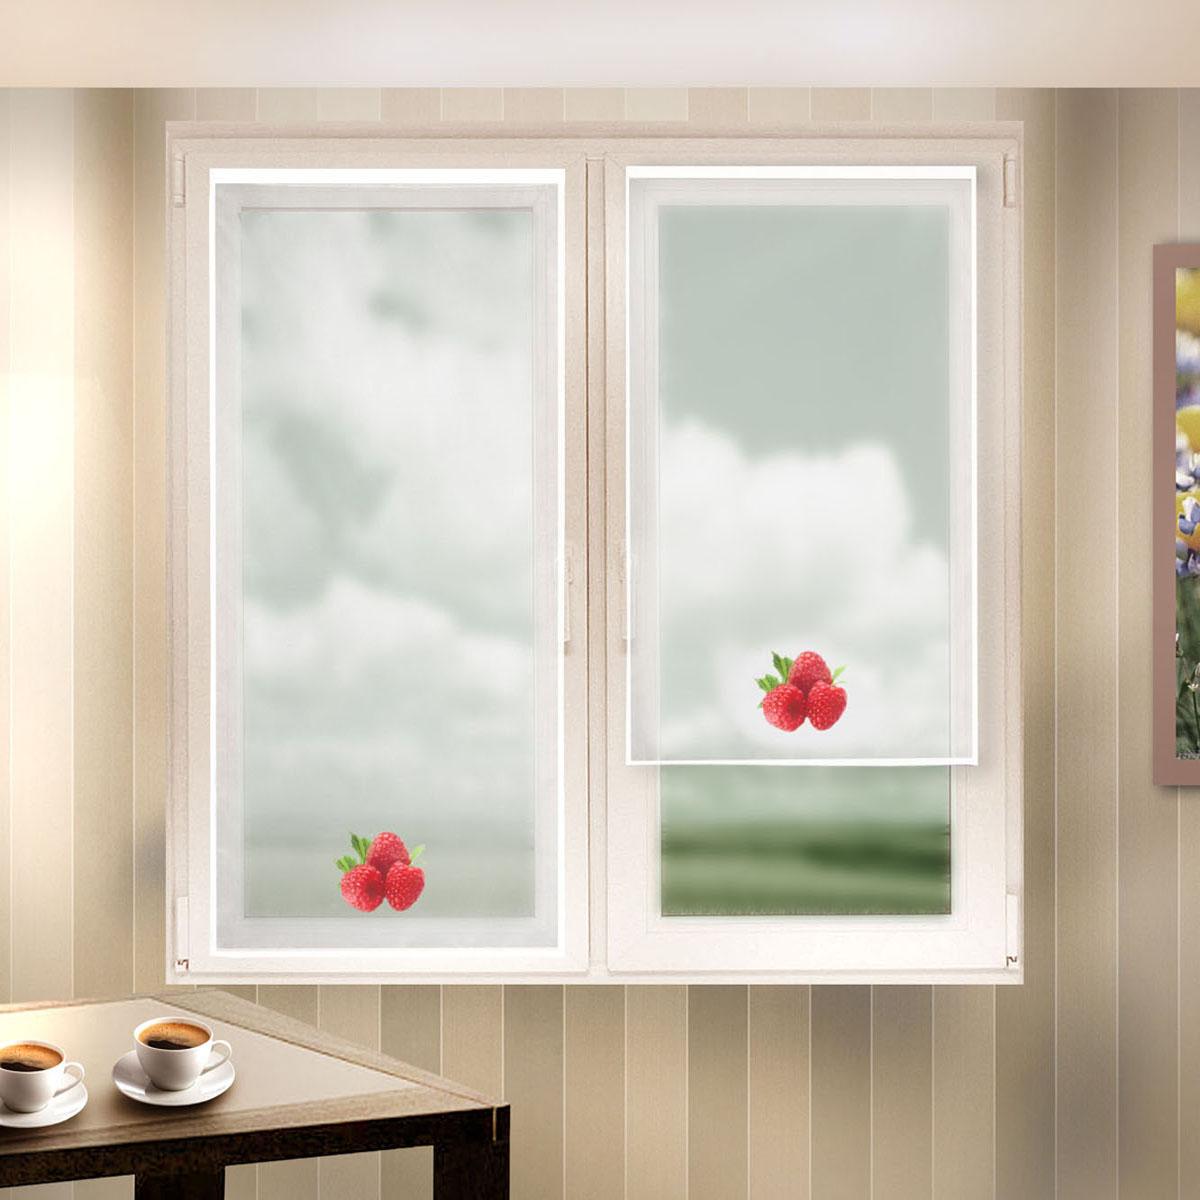 Гардина Zlata Korunka, на липкой ленте, цвет: белый, высота 90 см и 120 см, 2 шт. 666057-2666057-2Гардина на липкой ленте Zlata Korunka, изготовленная из легкого полиэстера, станет великолепным украшением любого окна. Полотно из белой вуали с печатным рисунком привлечет к себе внимание и органично впишется в интерьер комнаты. Крепление на липкой ленте, не требующее сверления стен и карниза. Многоразовое и мгновенное крепление.